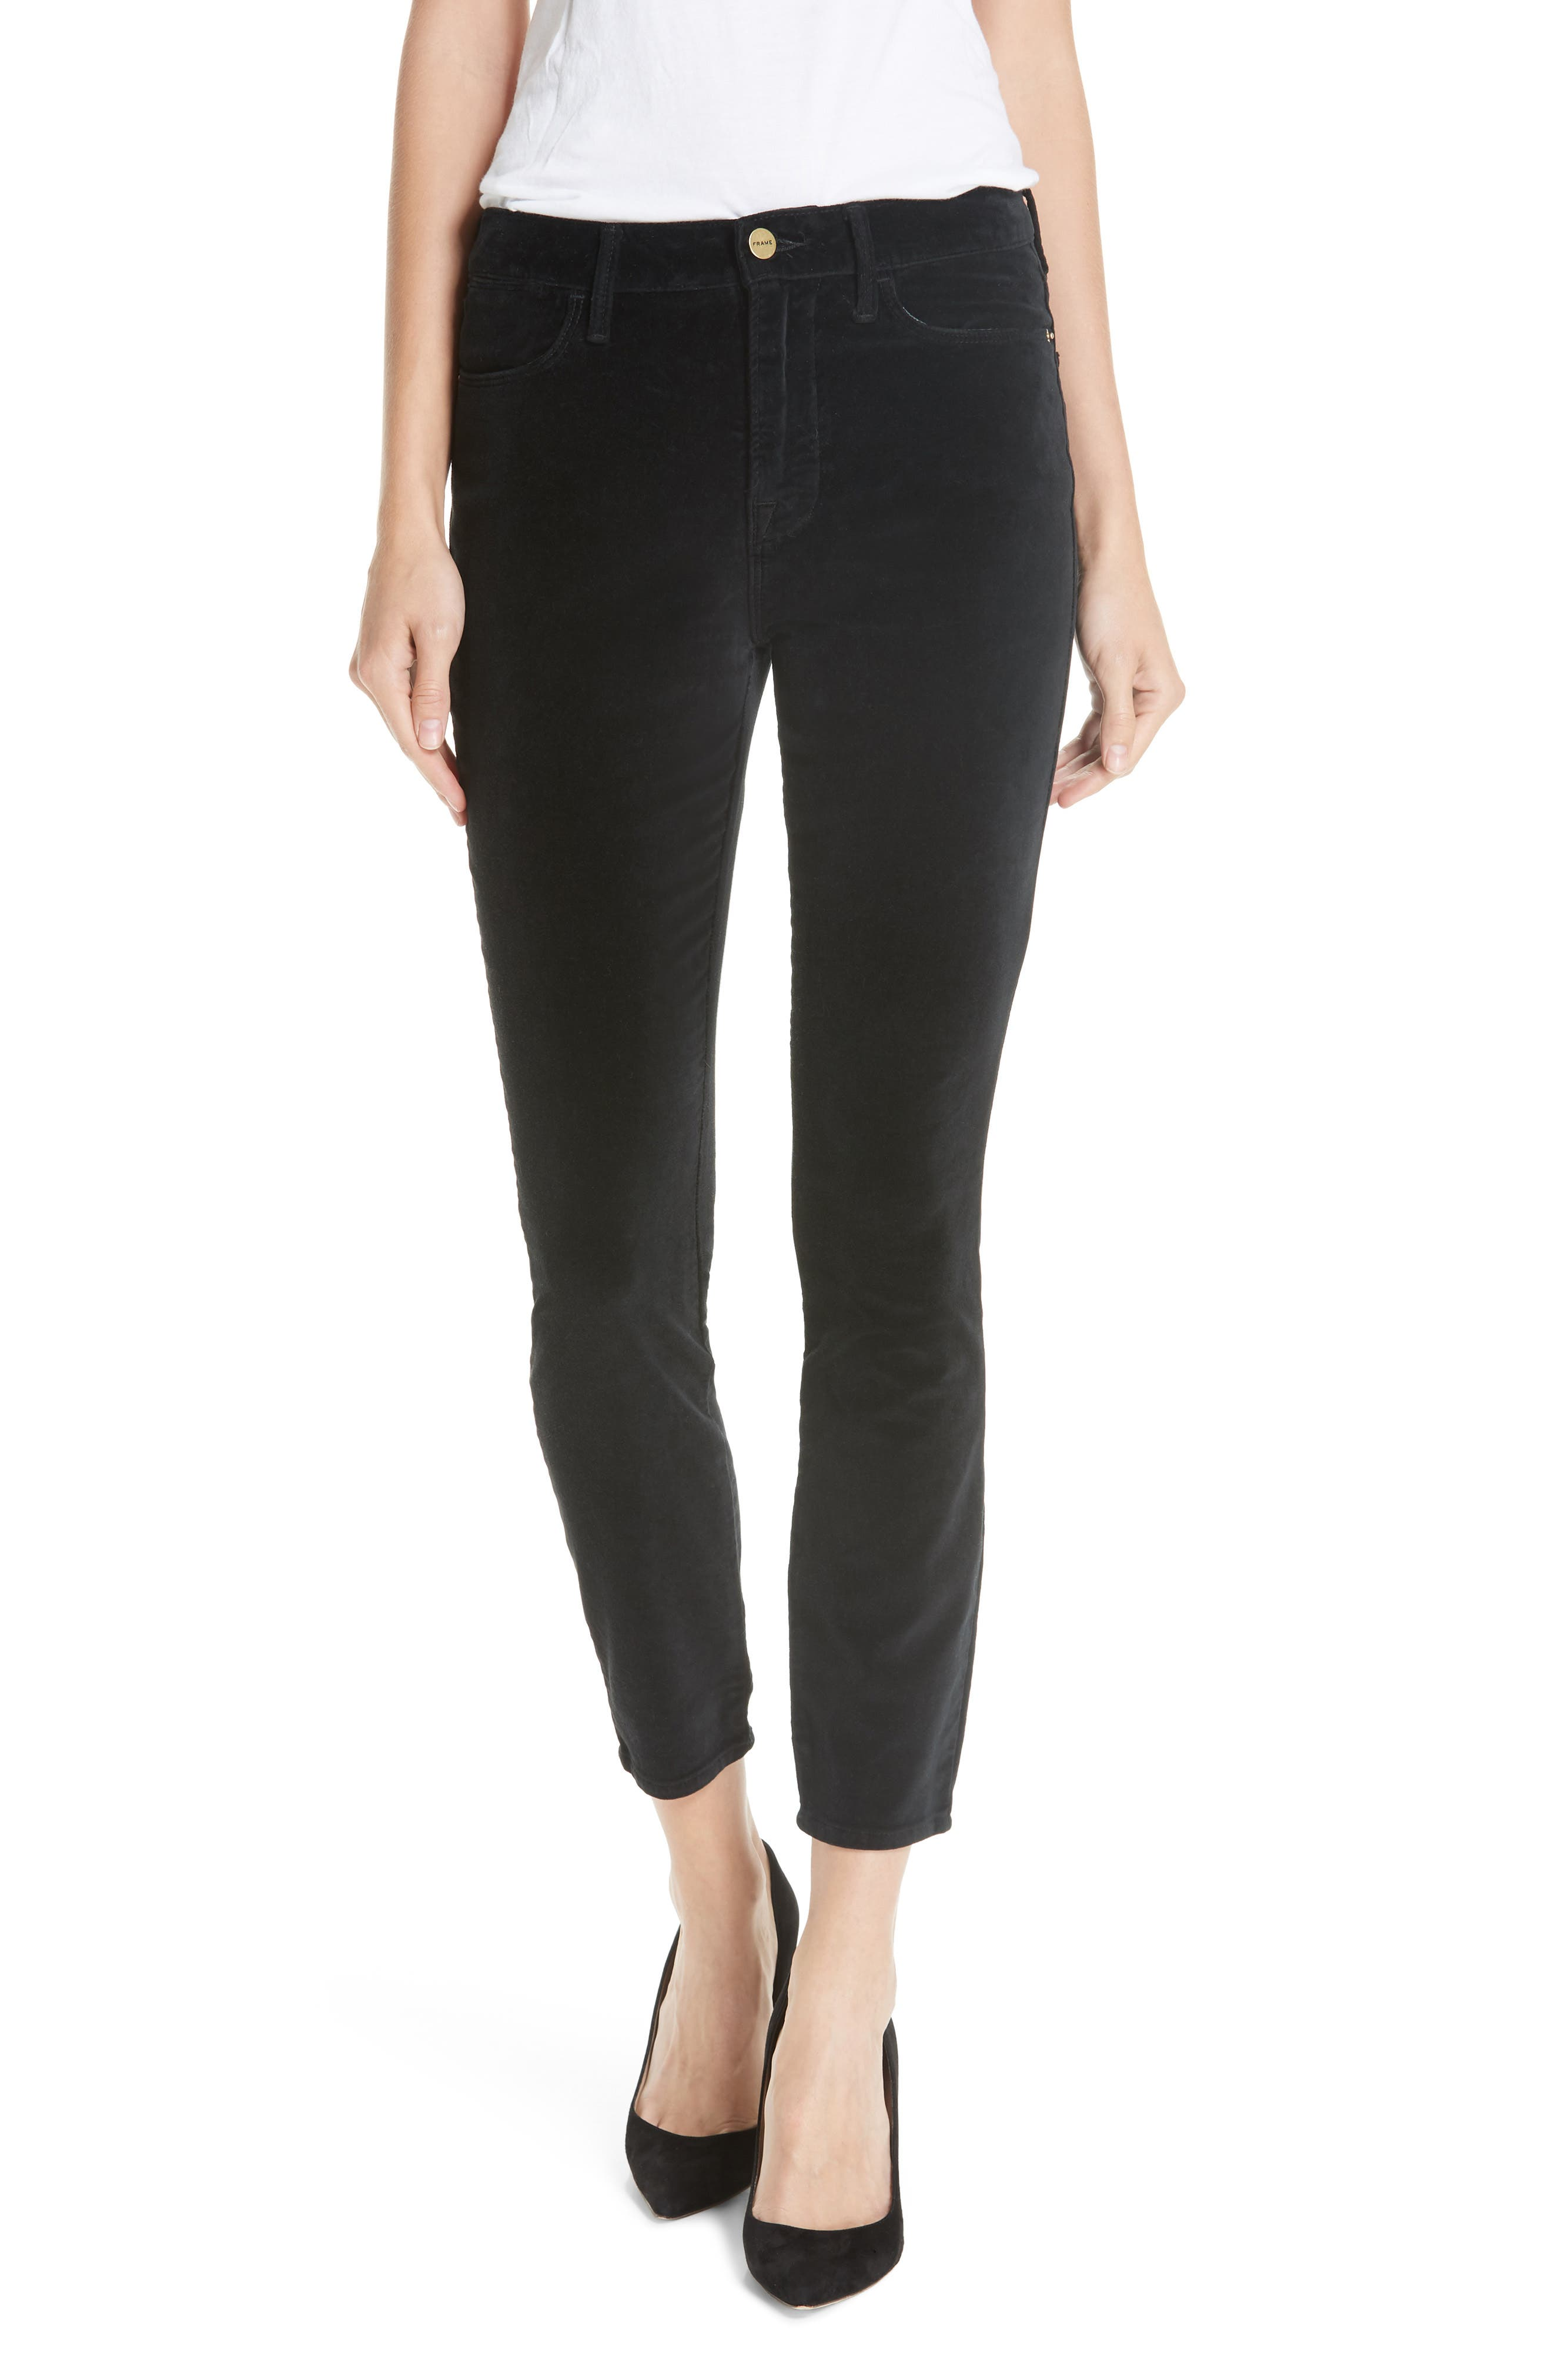 Velveteen High Waist Ankle Skinny Pants,                             Main thumbnail 1, color,                             NOIR